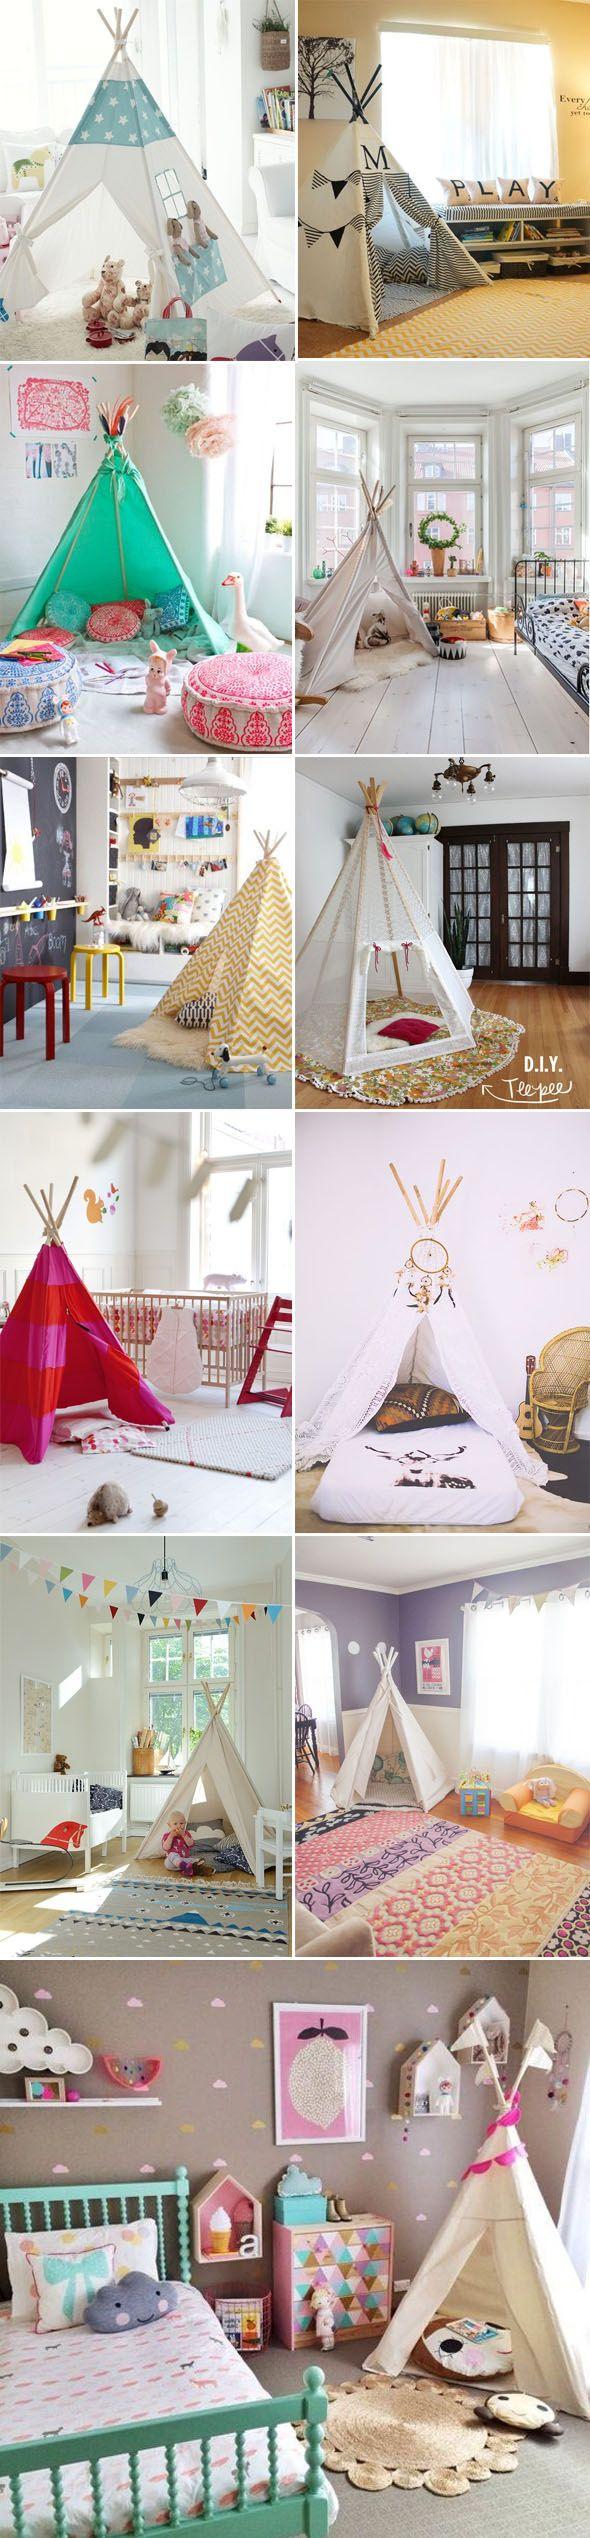 Oi gente! Um objeto/detalhe que tem me chamado atenção, e está aparecendo bastante nos blog por aí, são as tendas nos quartos de criança! Vocês já viram como fica a a fofo?! Criança adora brincar d...